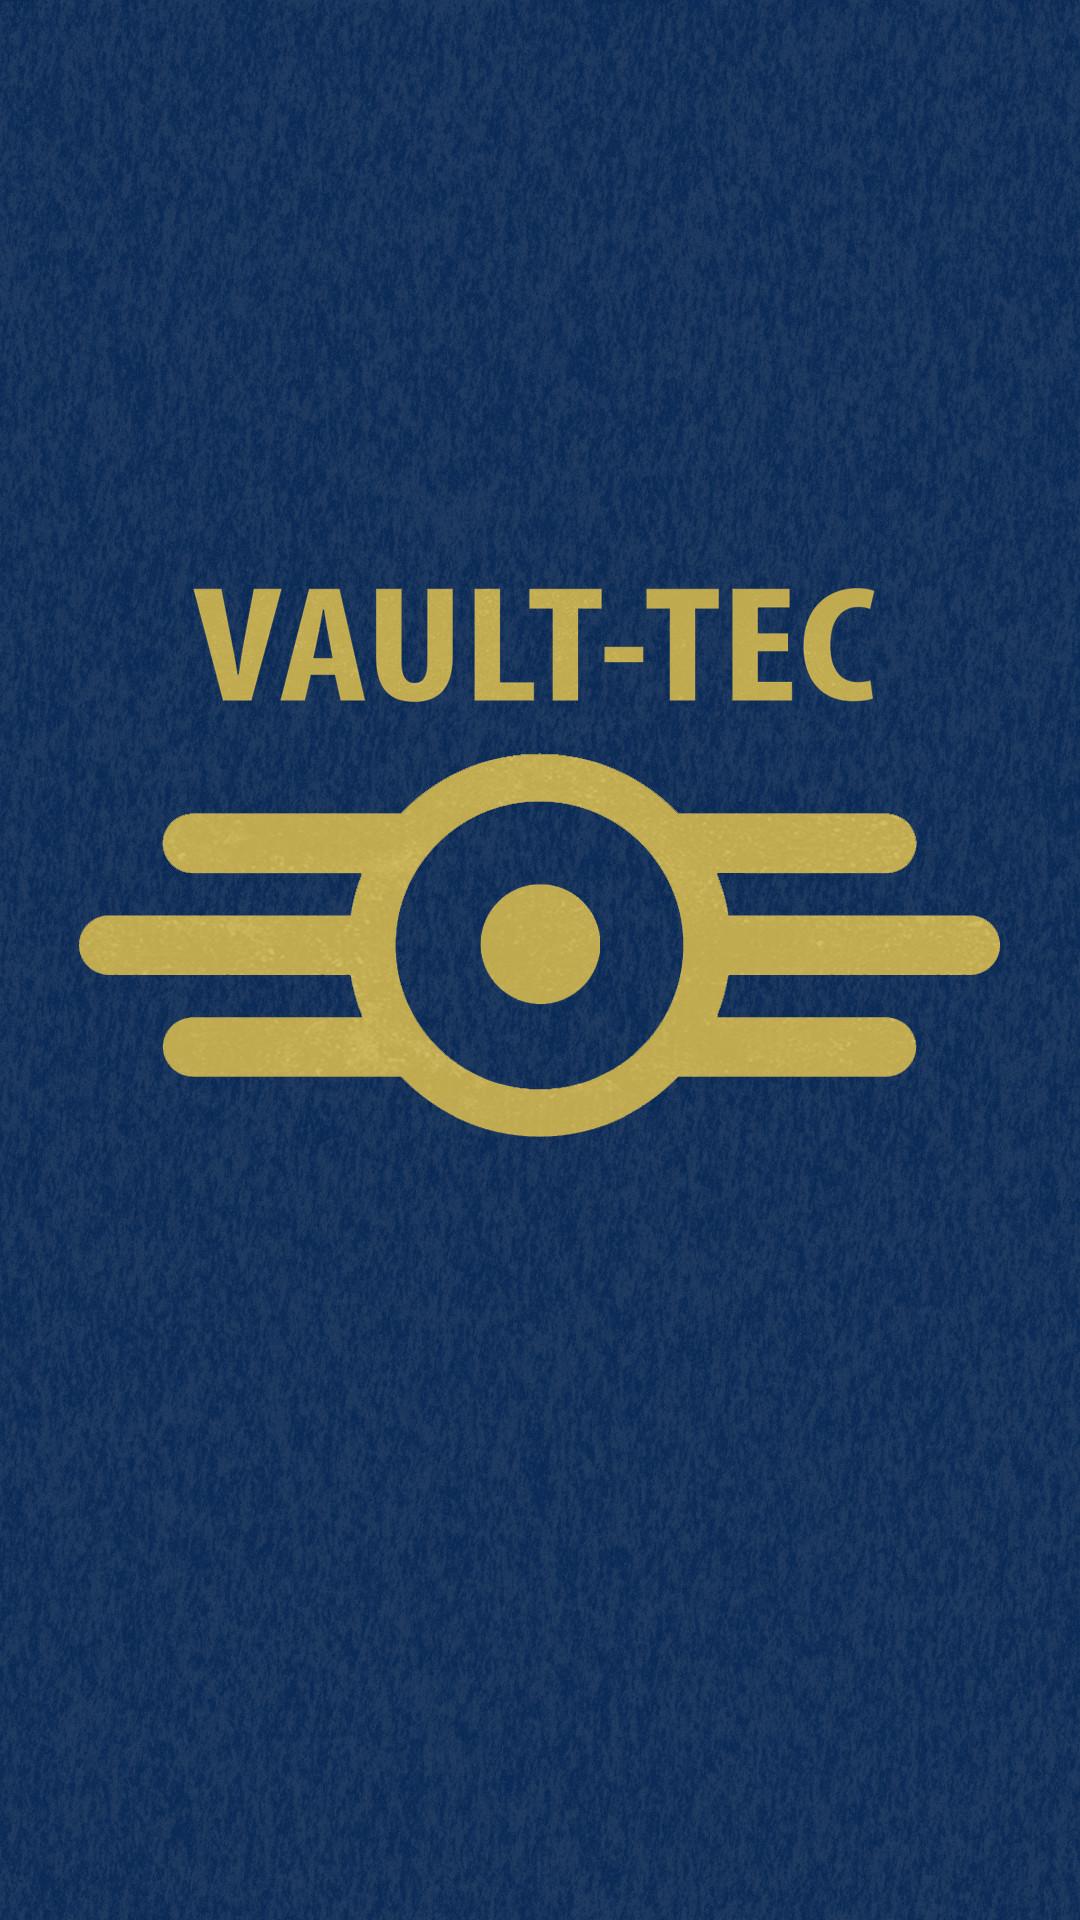 Vault Tec Wallpaper 82 Images